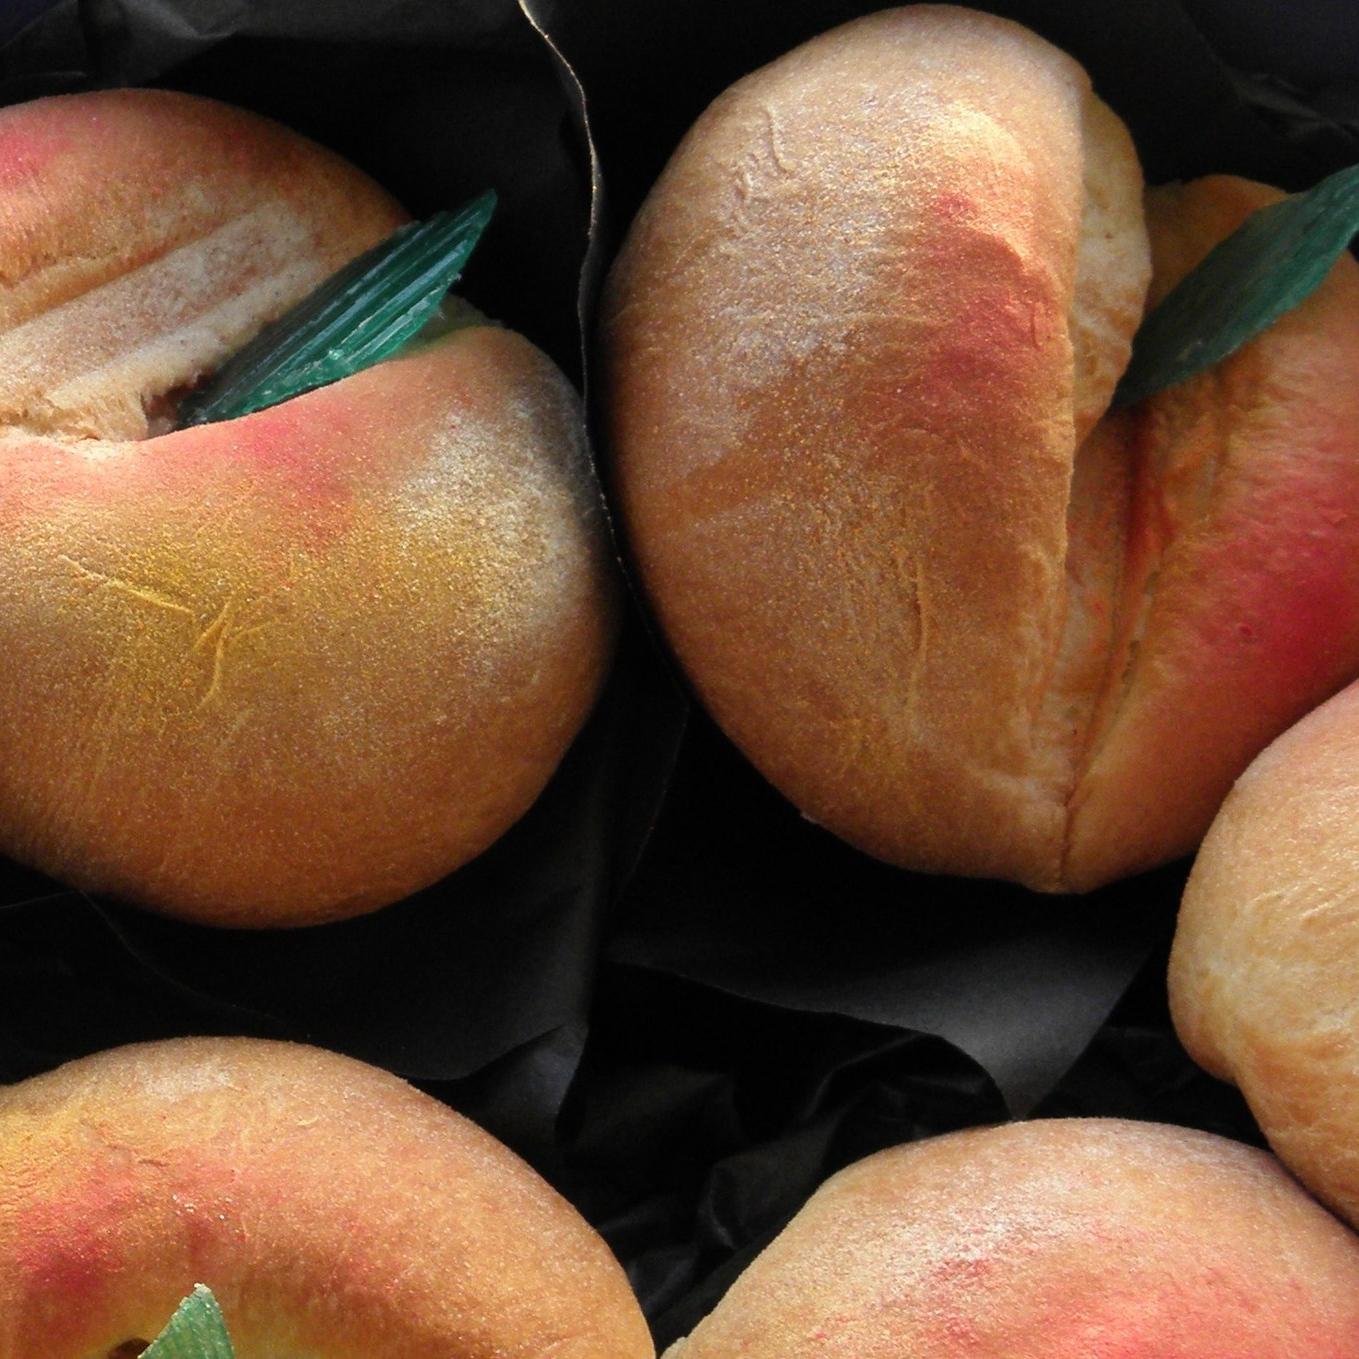 Peachy buns